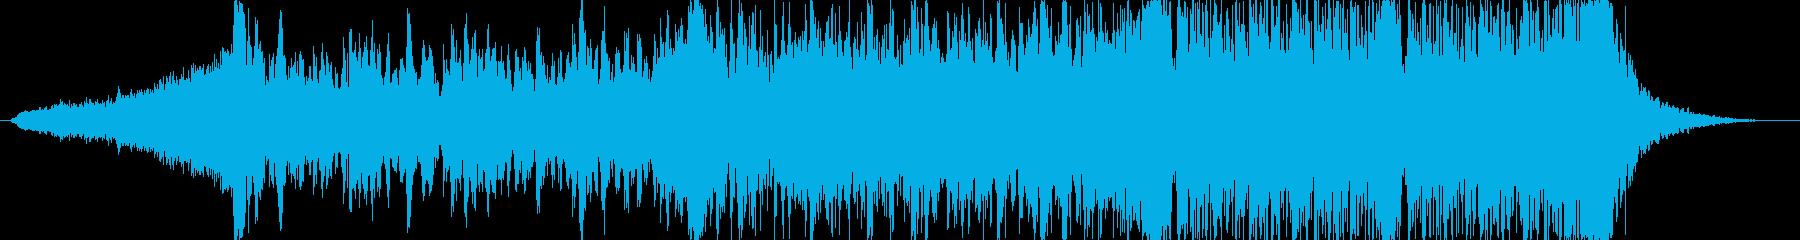 テレビゲーム サスペンス アクショ...の再生済みの波形